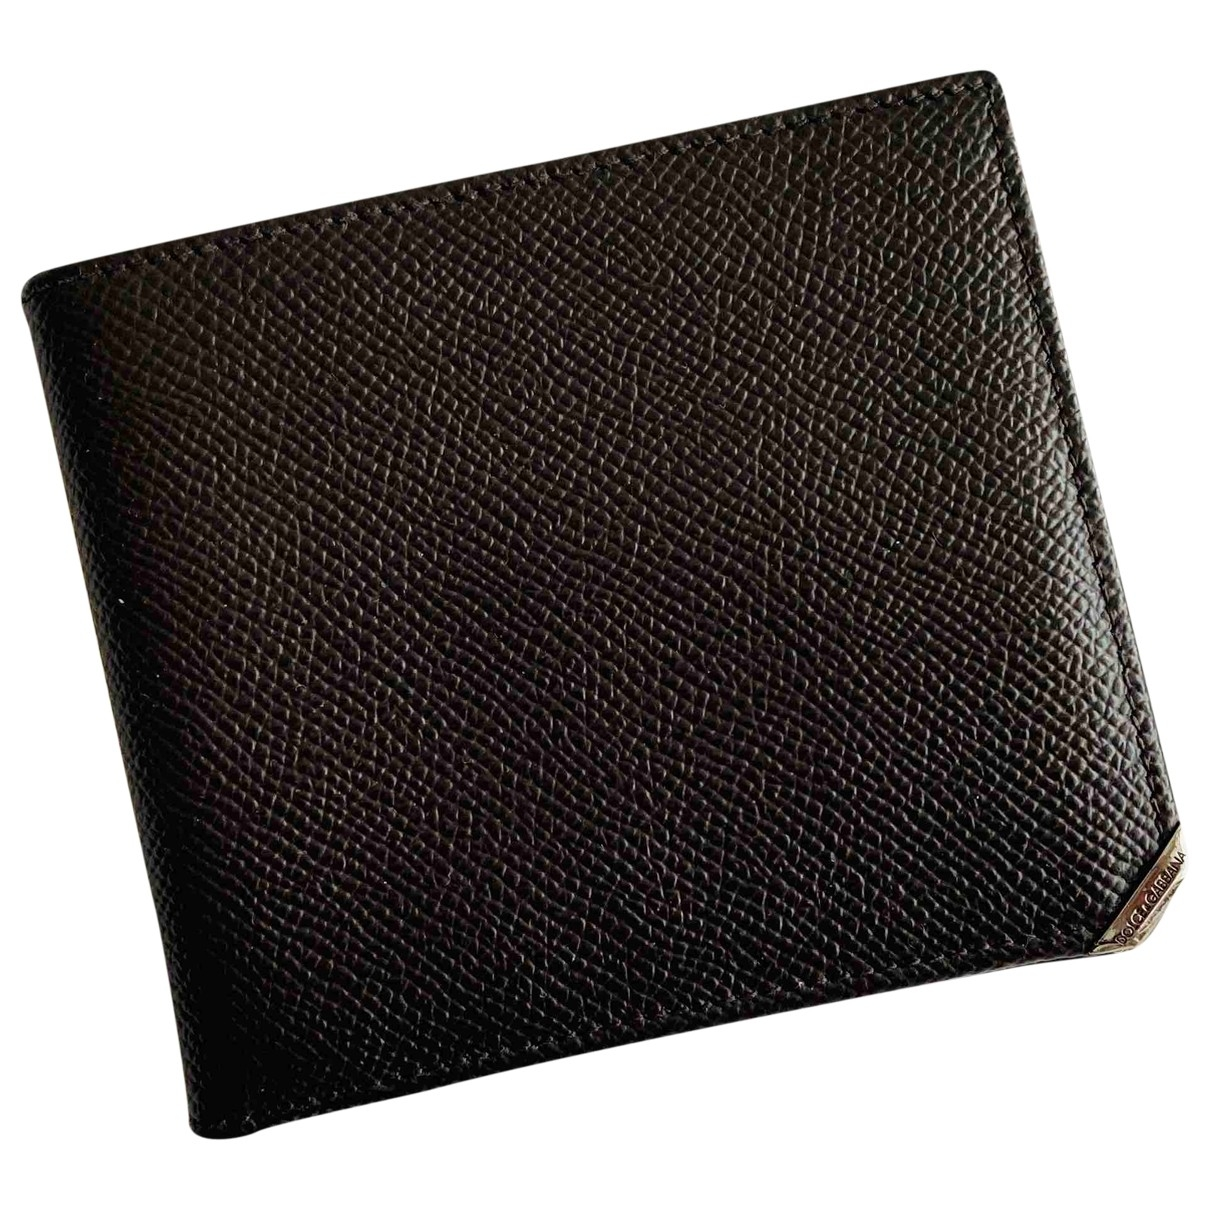 Dolce & Gabbana - Petite maroquinerie   pour homme en cuir - marron